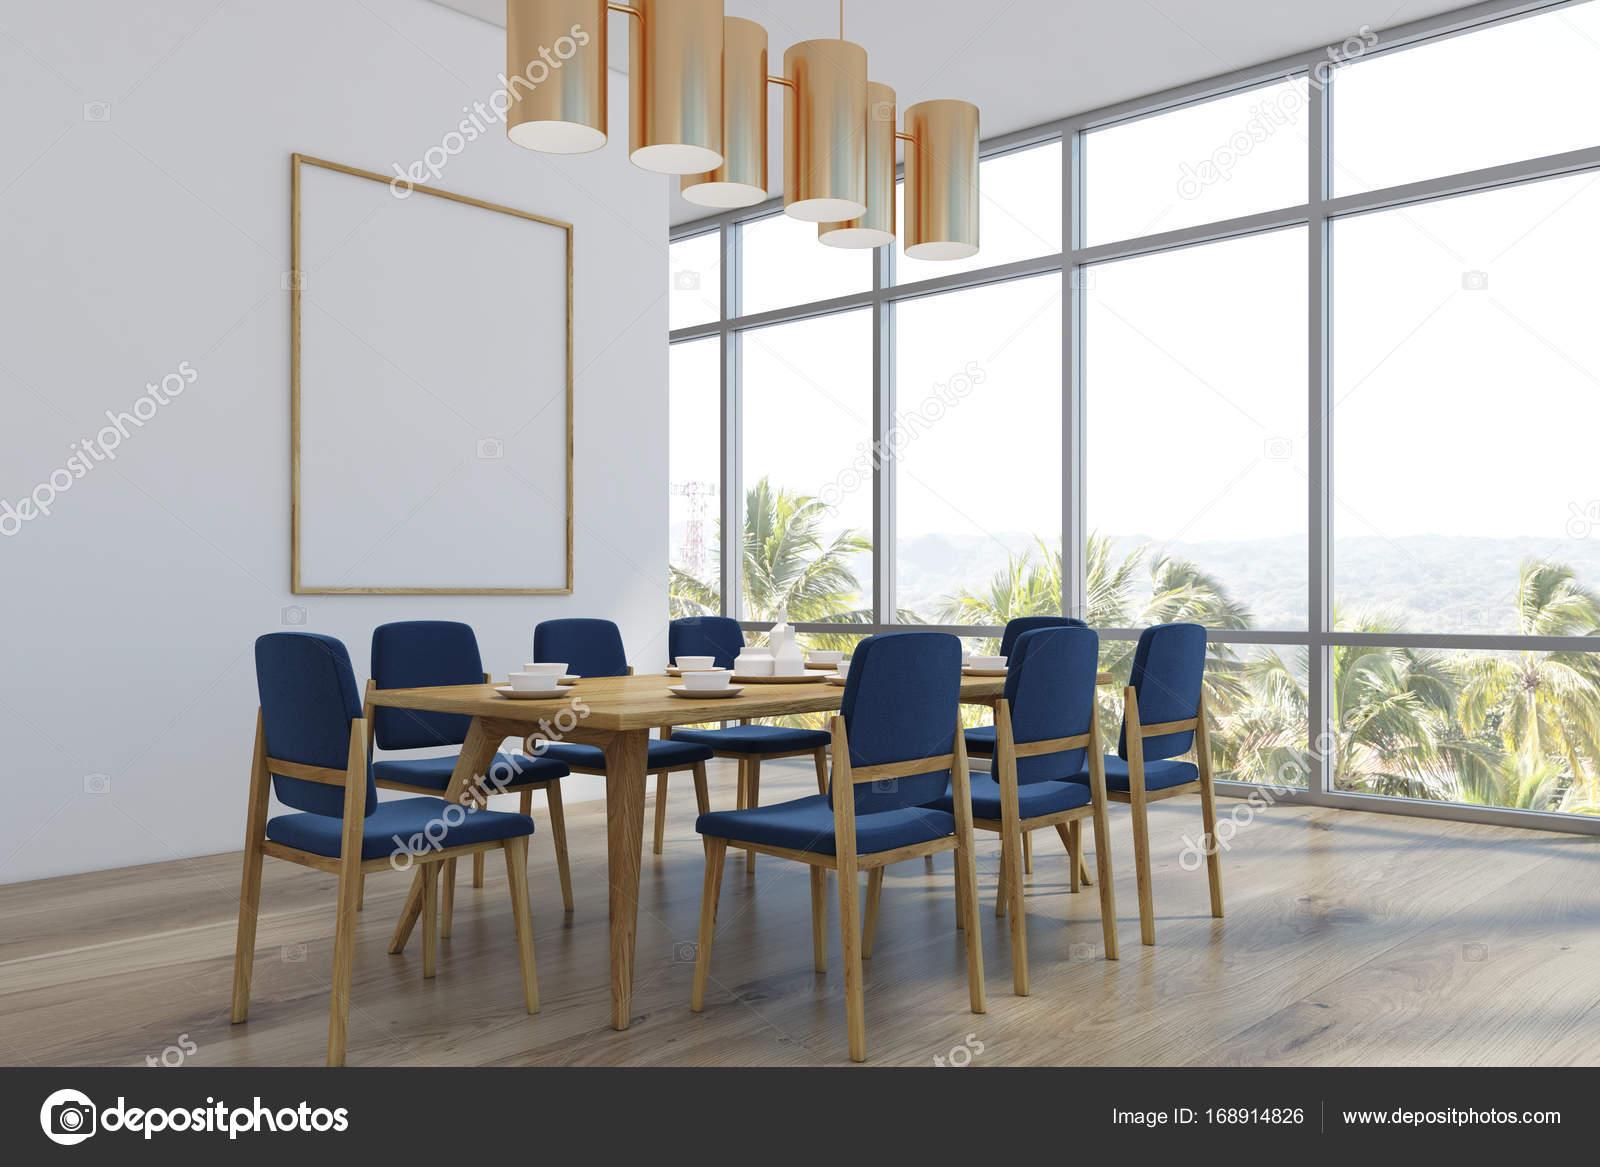 Ein Langer Tisch Mit Blauen Stühlen Und Ein Poster An Der Wand. Ecke.  3D Rendering Mock Up U2014 Foto Von Denisismagilov